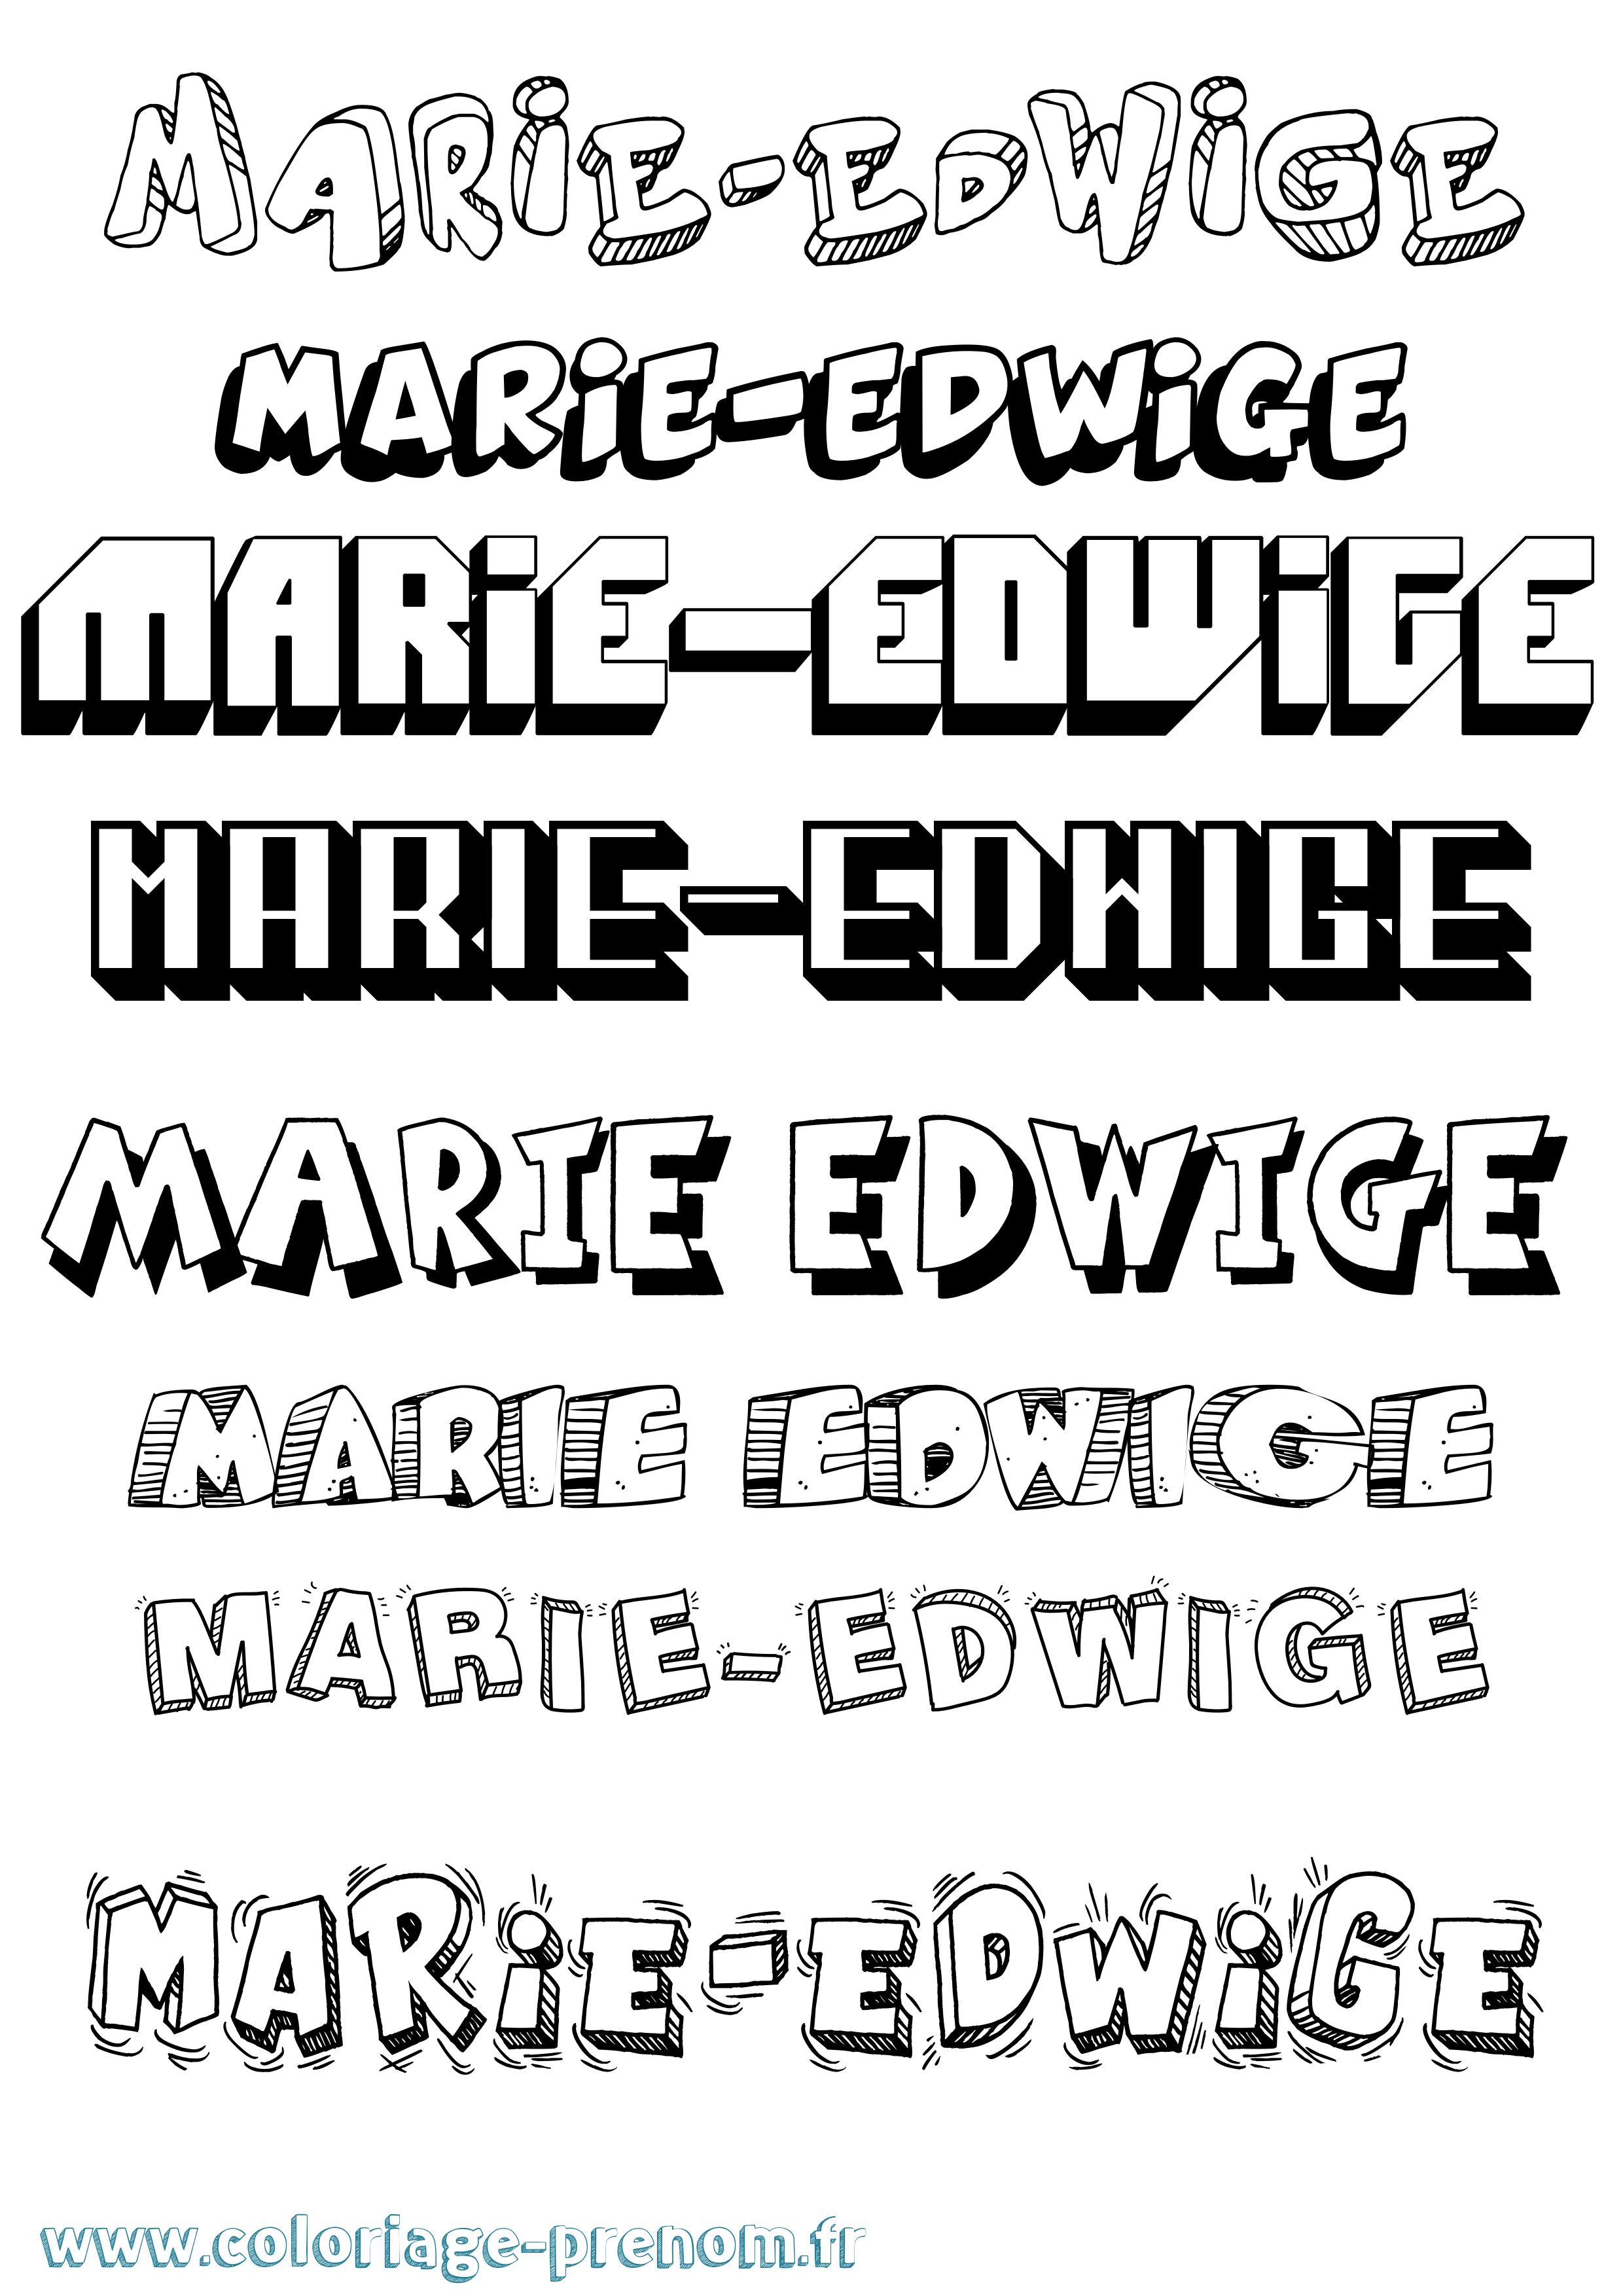 Coloriage du prénom Marie-edwige : à Imprimer ou ...